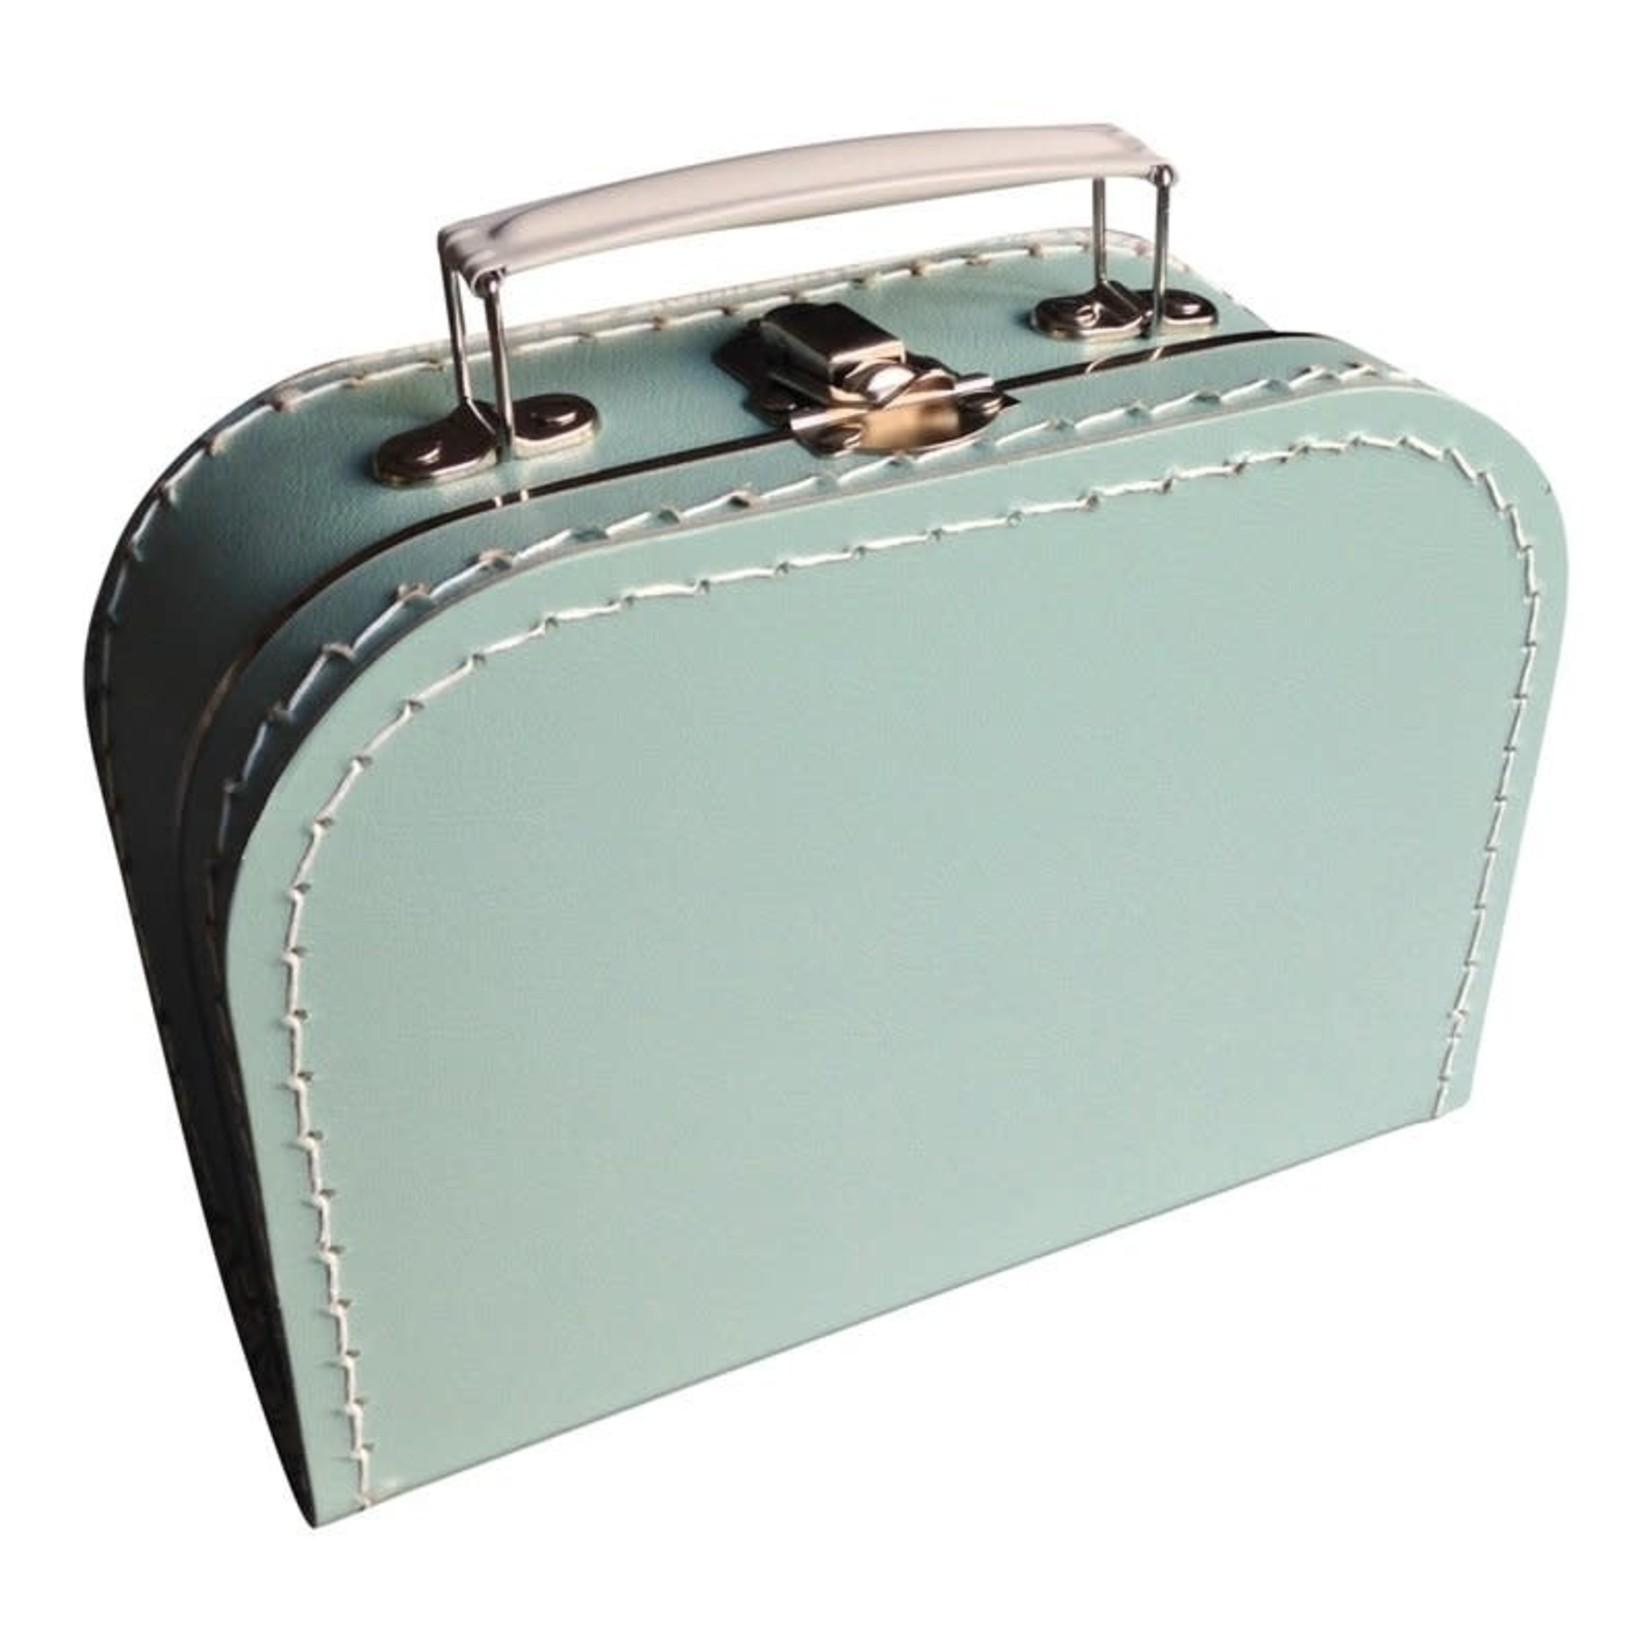 Koffertje - 20 cm x 15 cm x 8 cm - Mint